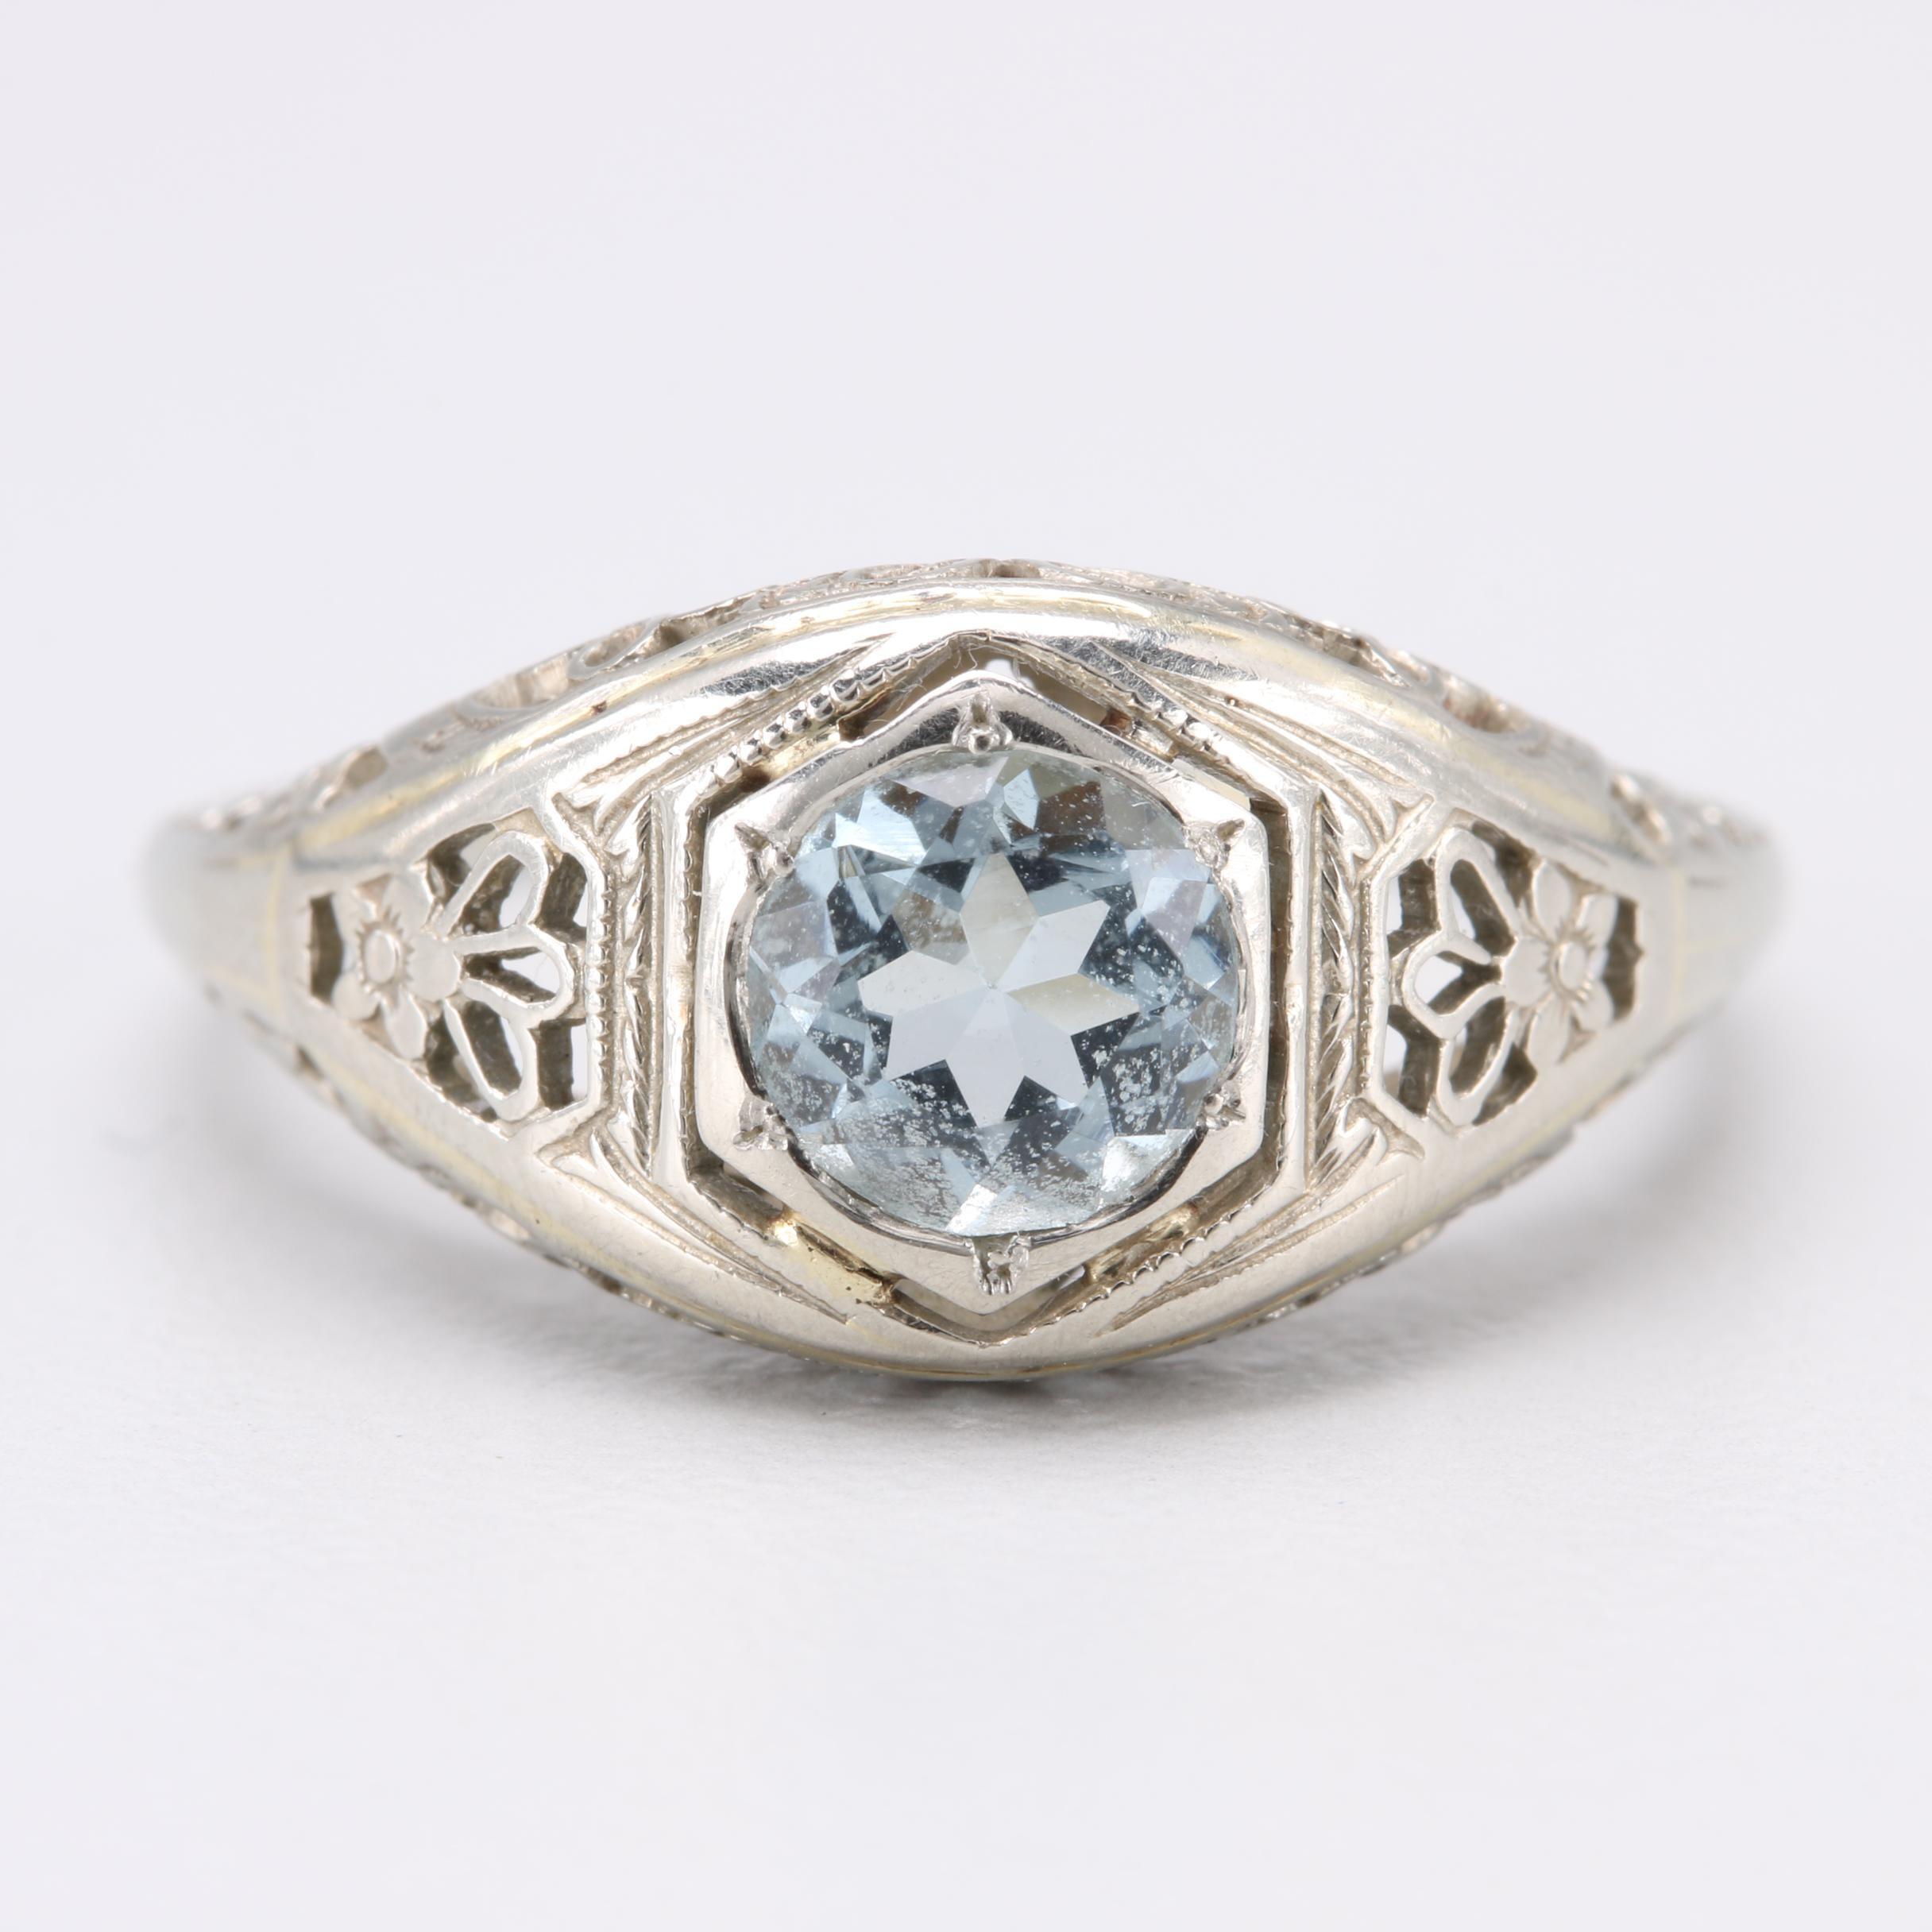 Edwardian 18K White Gold Aquamarine Ring